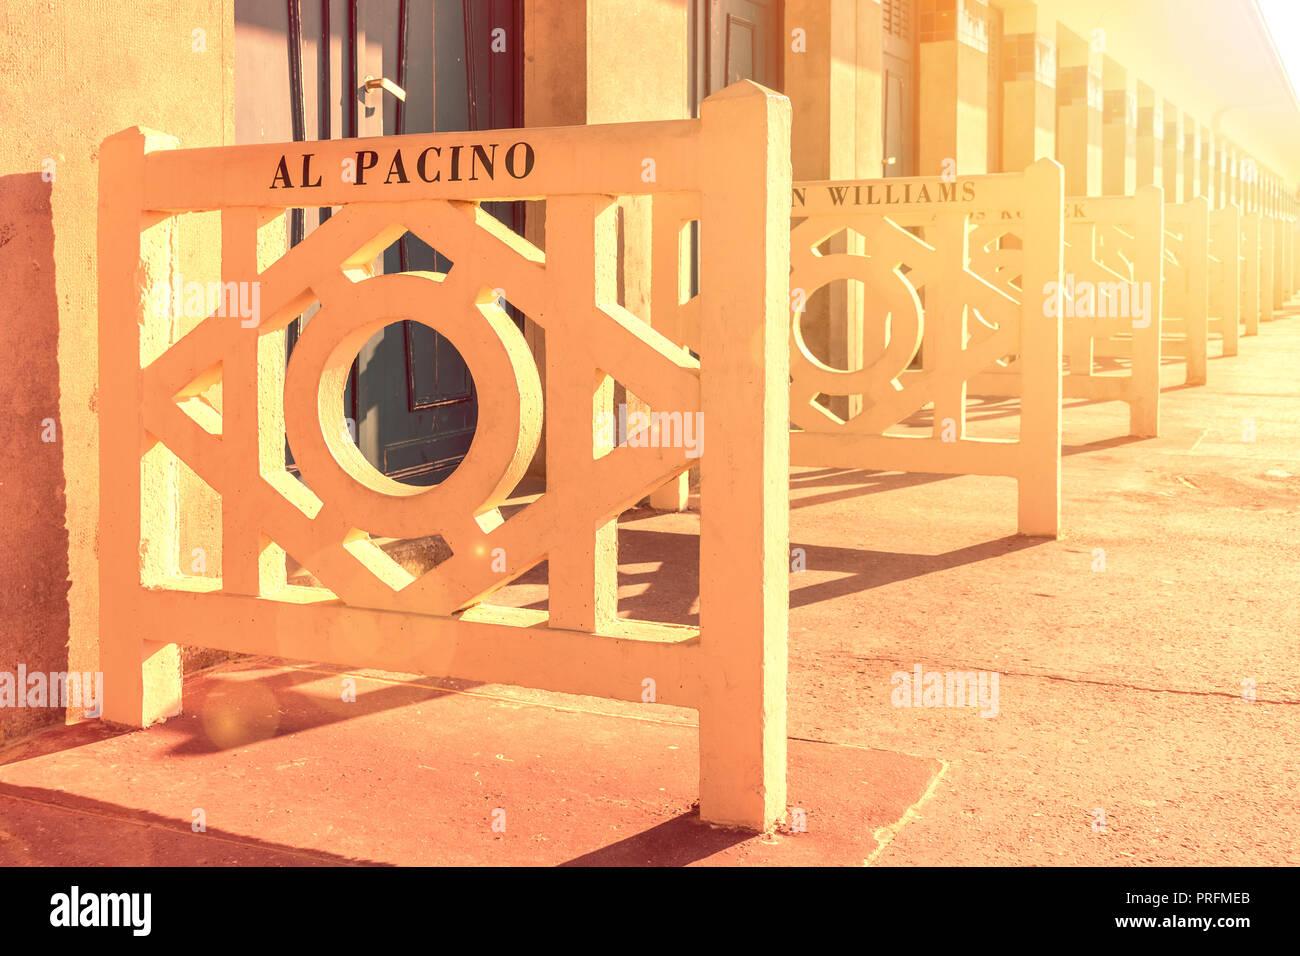 Deauville, Frankreich. Promenade des Planches bei Sonnenuntergang mit den Namen von Al Pacino, Robin Williams und andere Stars Stockfoto